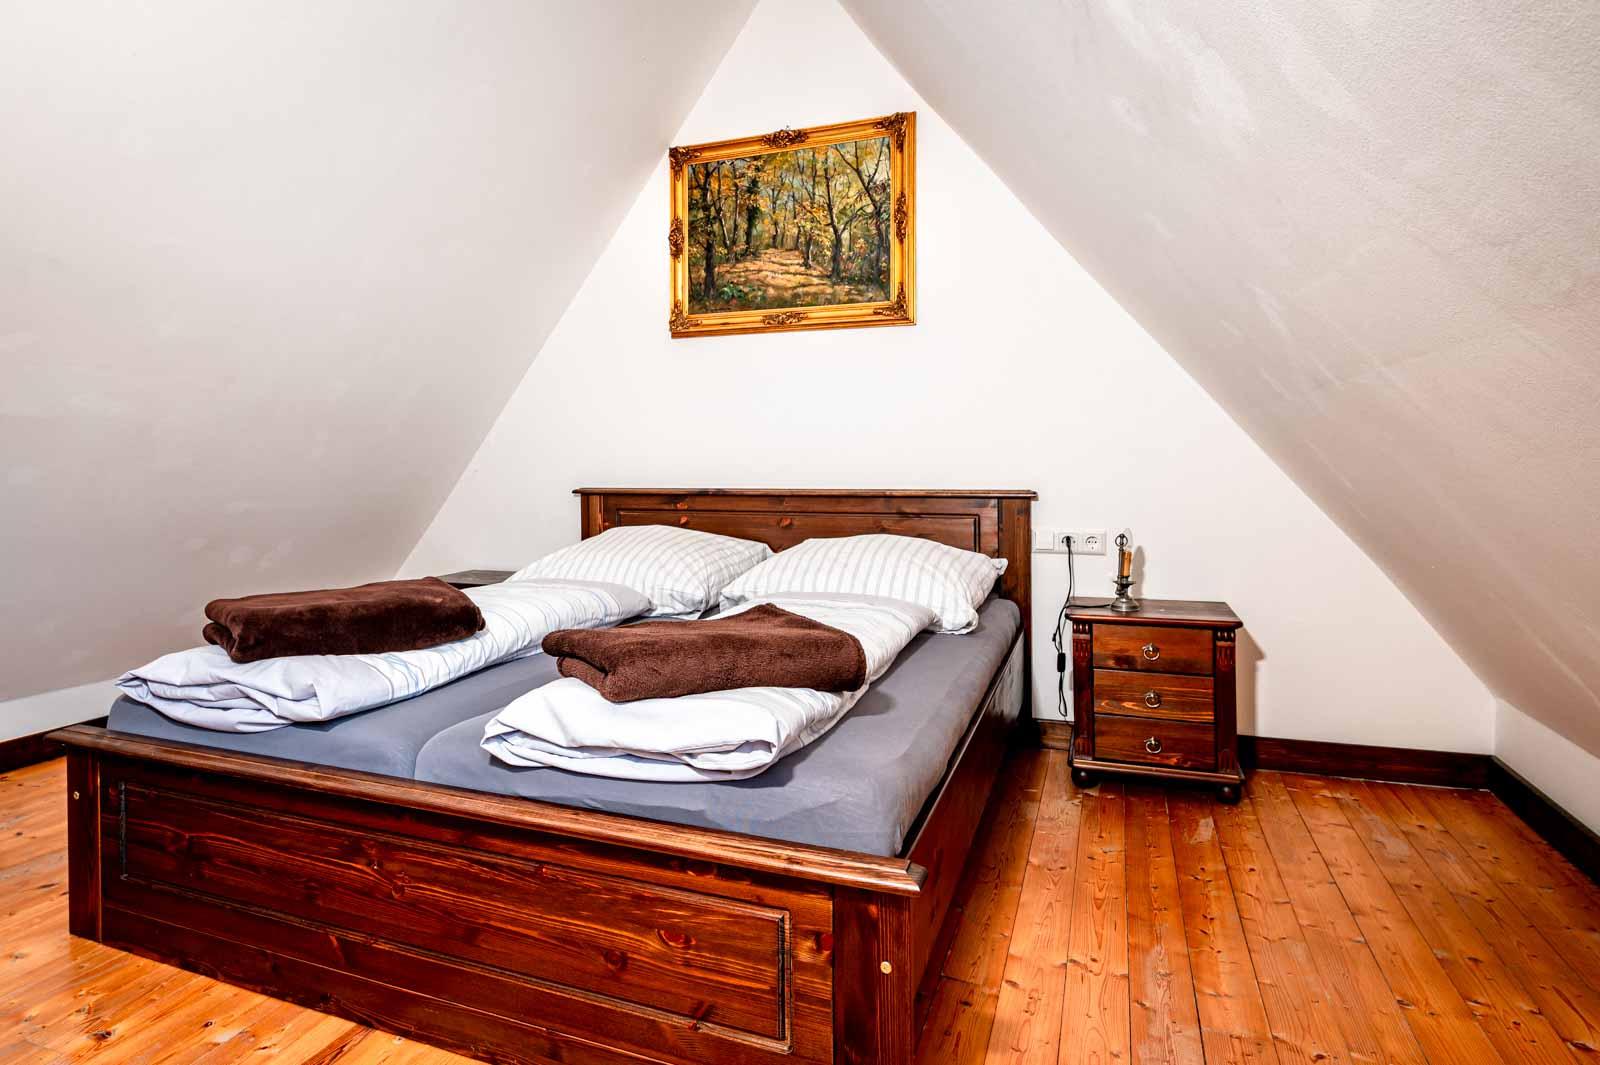 Ferienwohnung Geyer-Schloss Reinsbronn (Creglingen). Maisonette Ferienwohnung